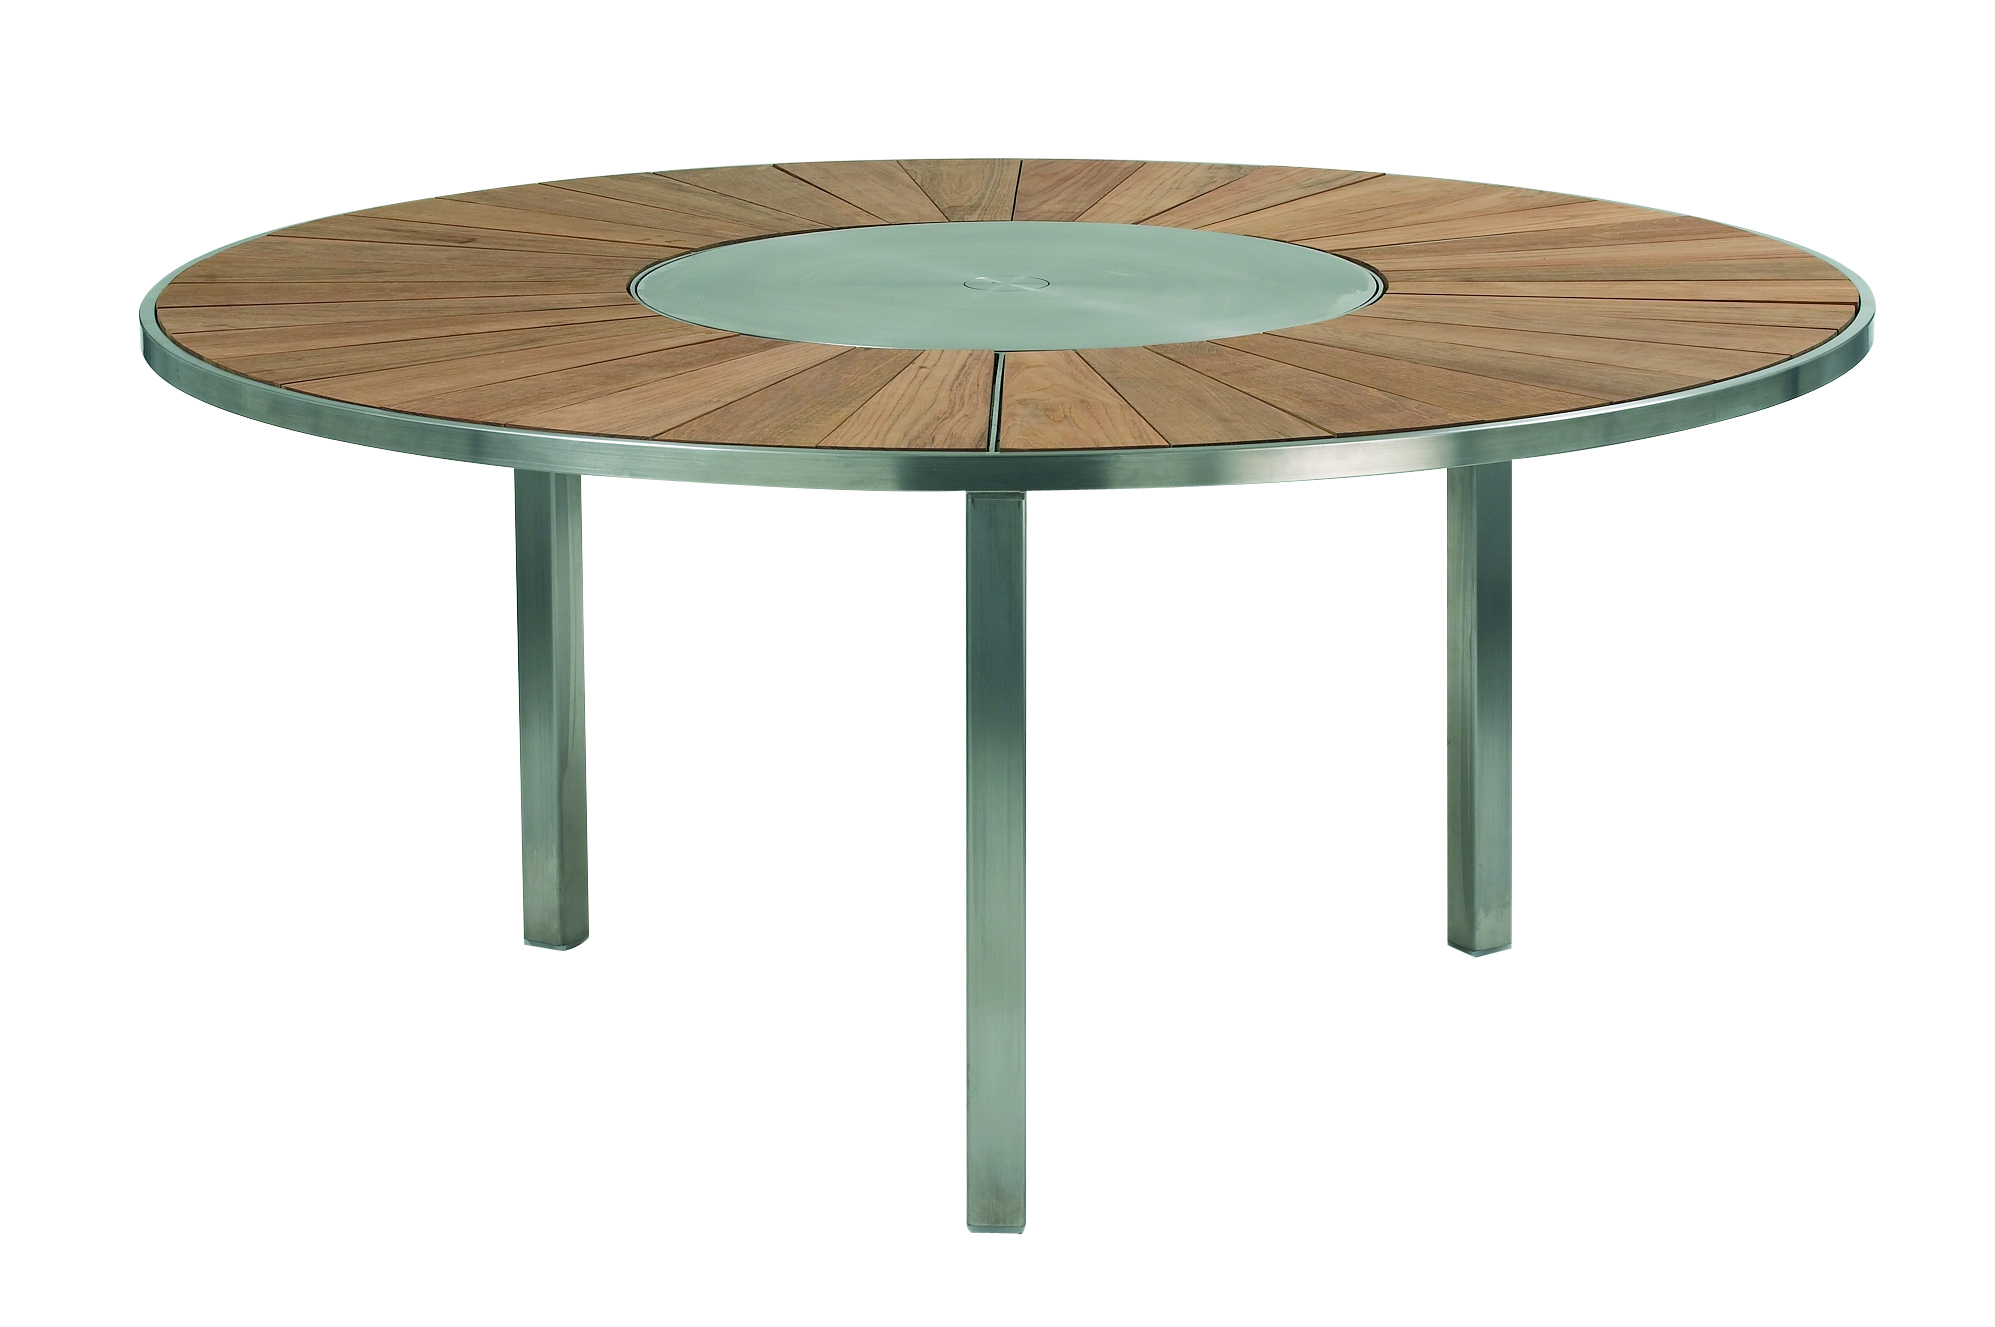 Tavolo da giardino rotondo in teak con lazy susan - Tavolo rotondo da giardino ...